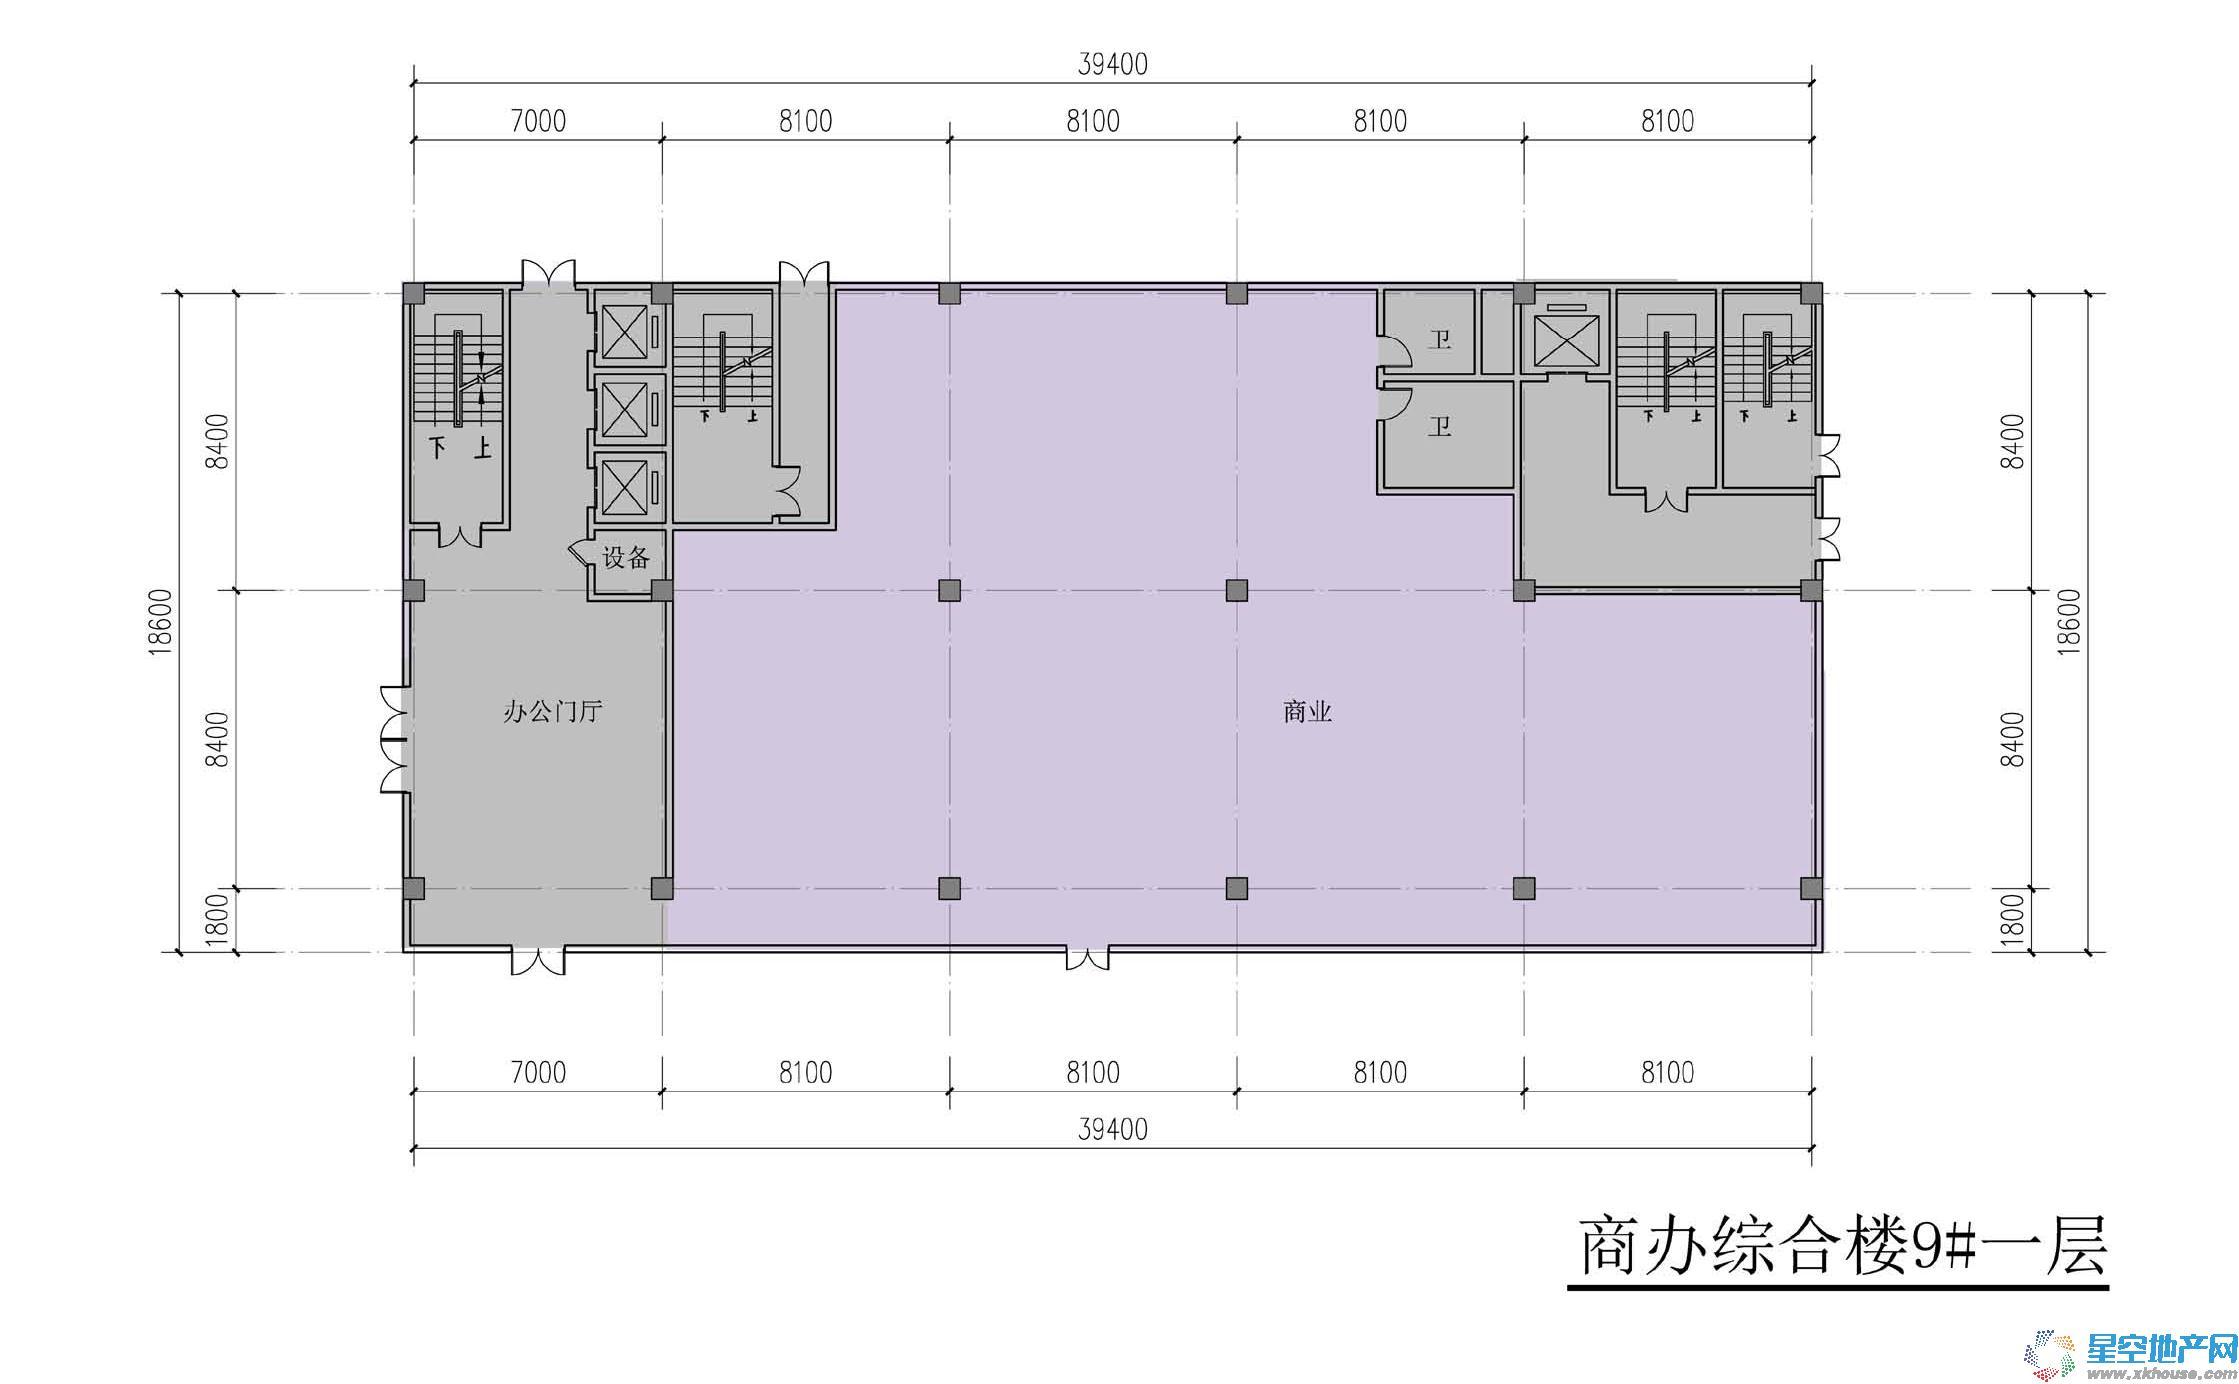 南翔汽车智慧新城五室以上一厅一卫